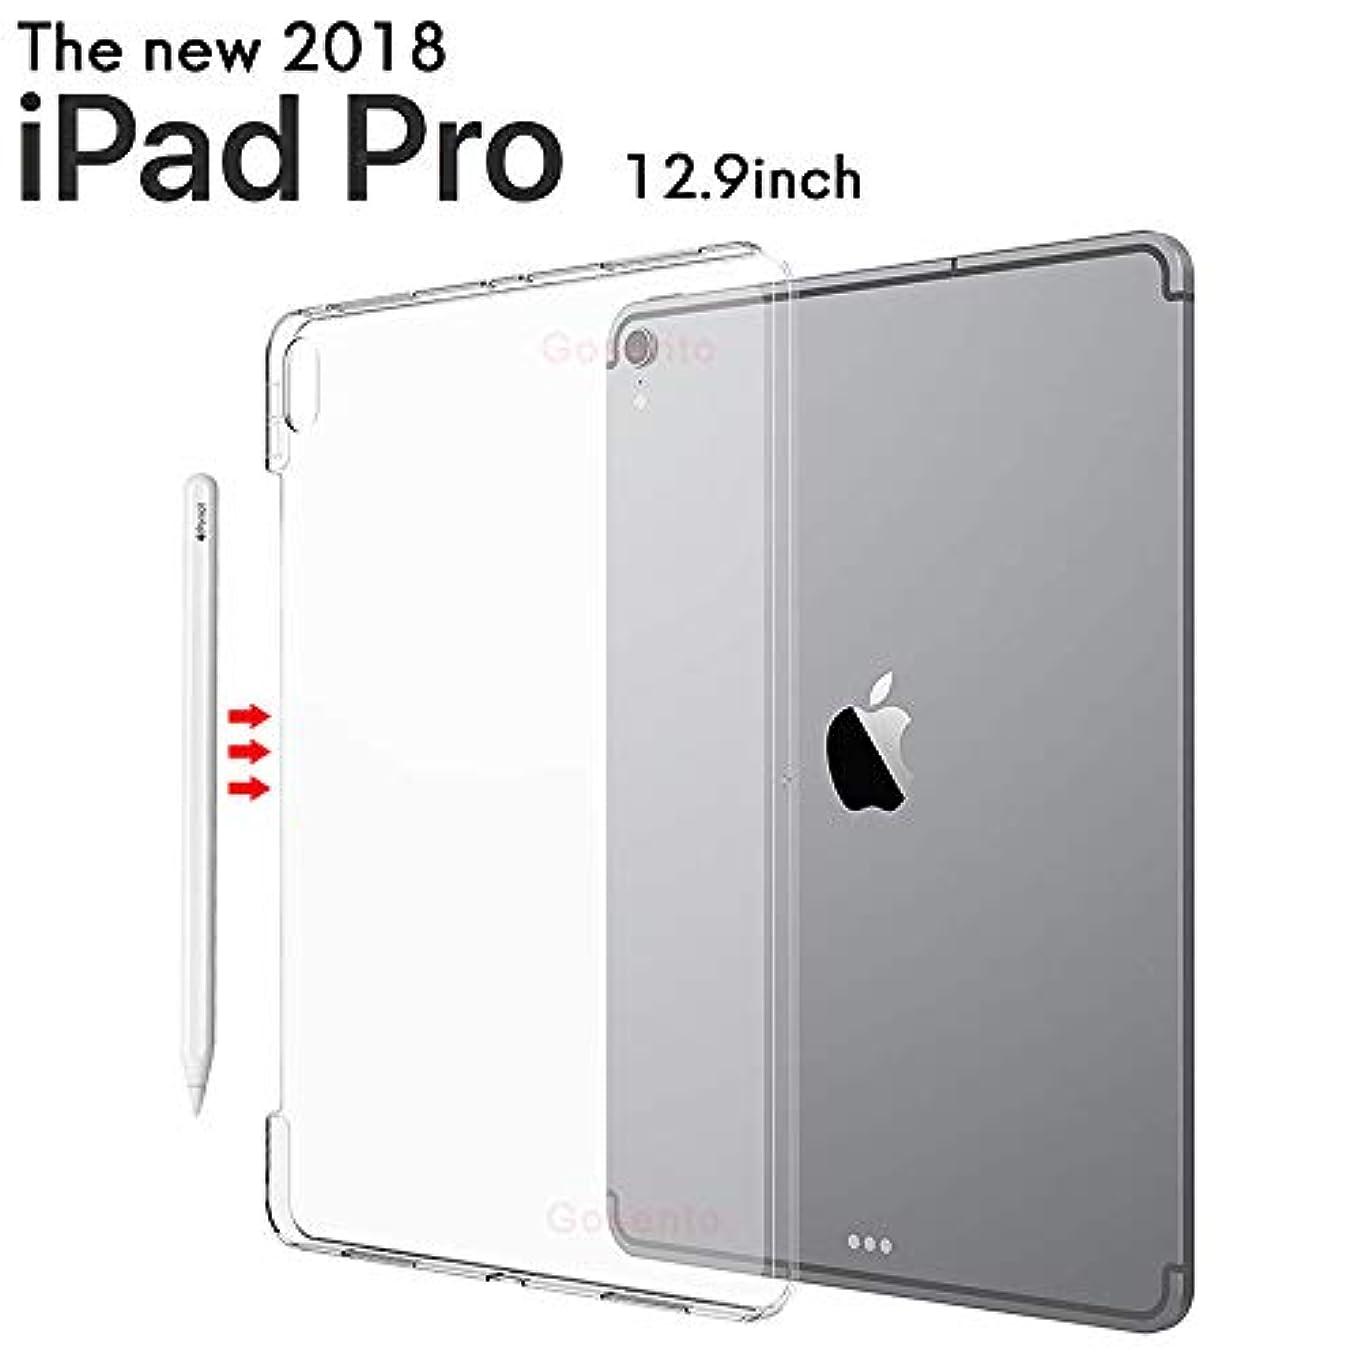 方法友だち甘やかすGosento iPad Pro 12.9 2018 ケース【Apple Pencil 充電できます】 クリスタル 擦り傷防止 iPad Pro 12.9インチ 2018 TPU素材保護カバー (半透明)